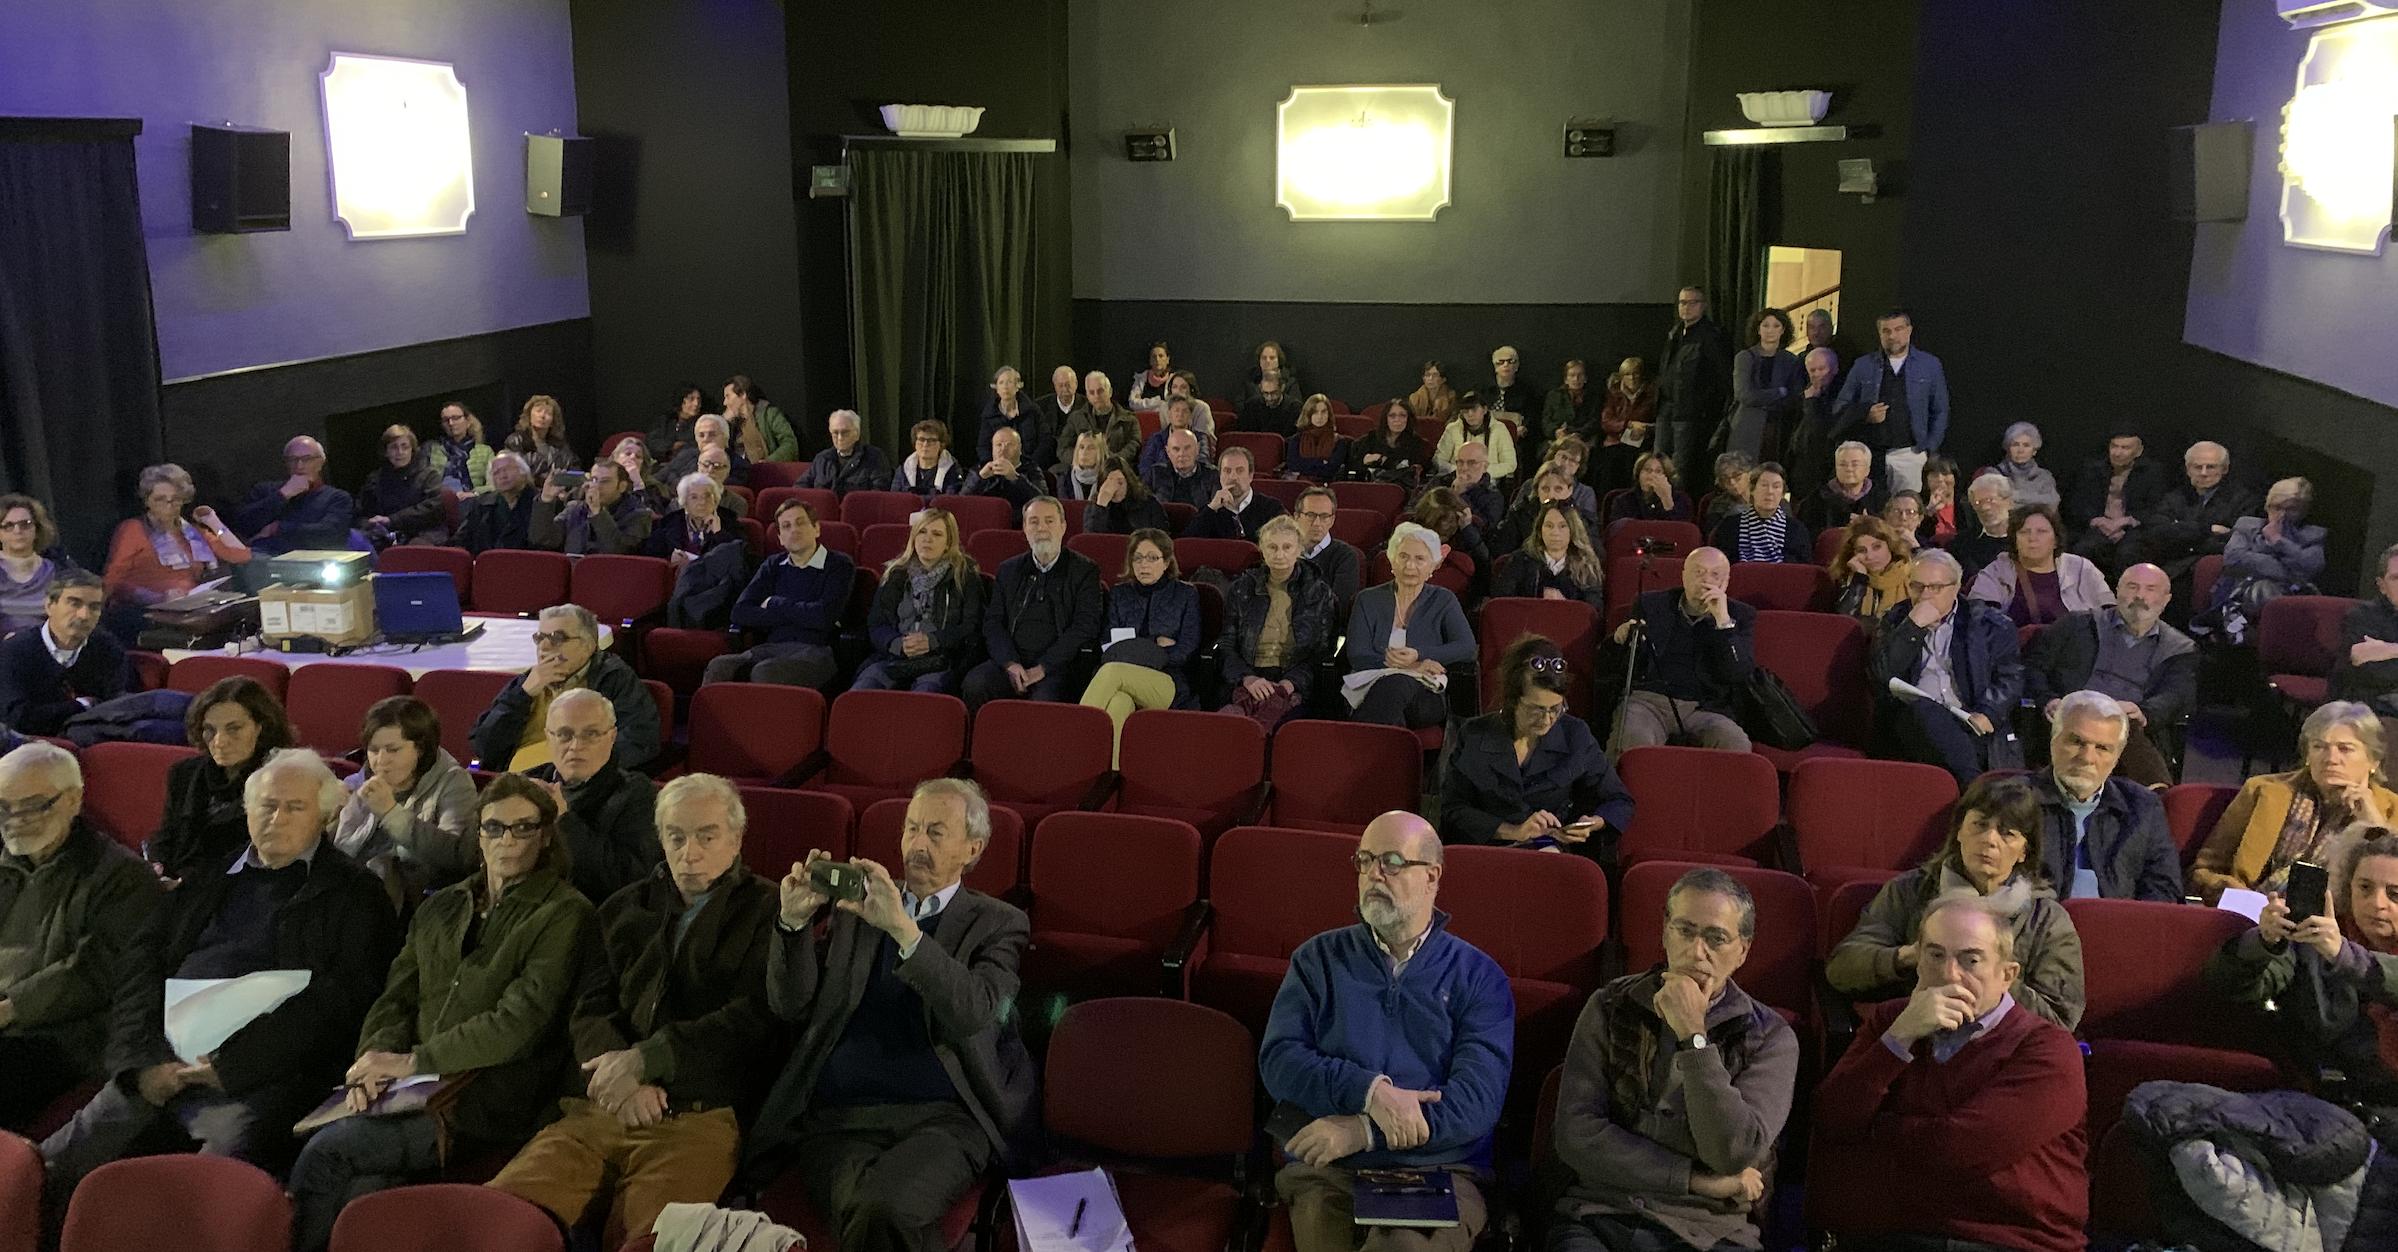 Cinema  tiziano assemblea flaminio ex stabilimenti